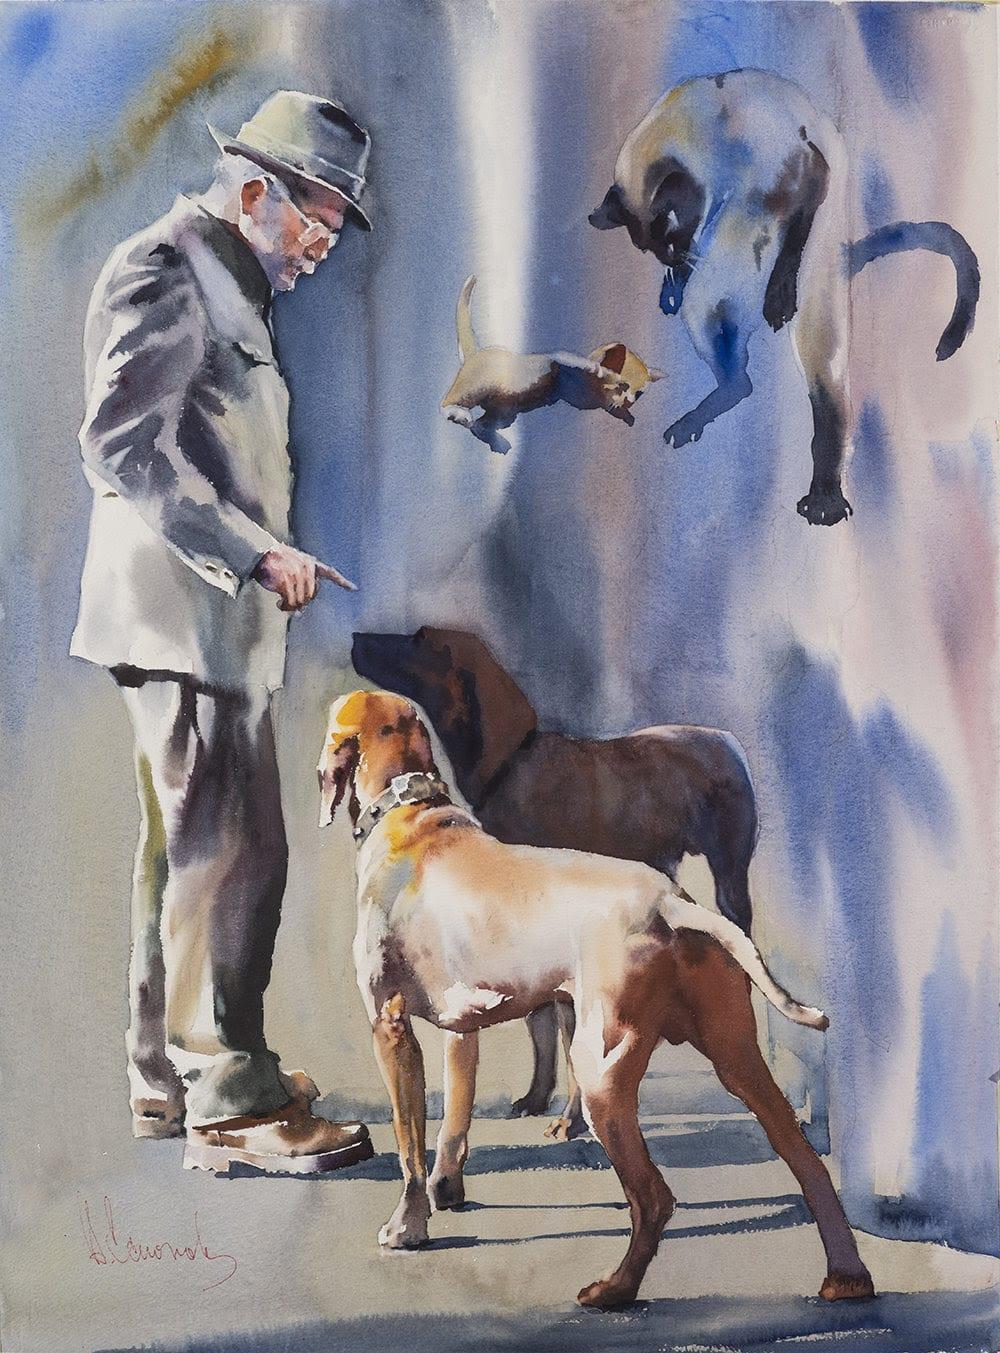 L'umanità in movimento negli acquerelli di Andrey Esionov, a Firenze